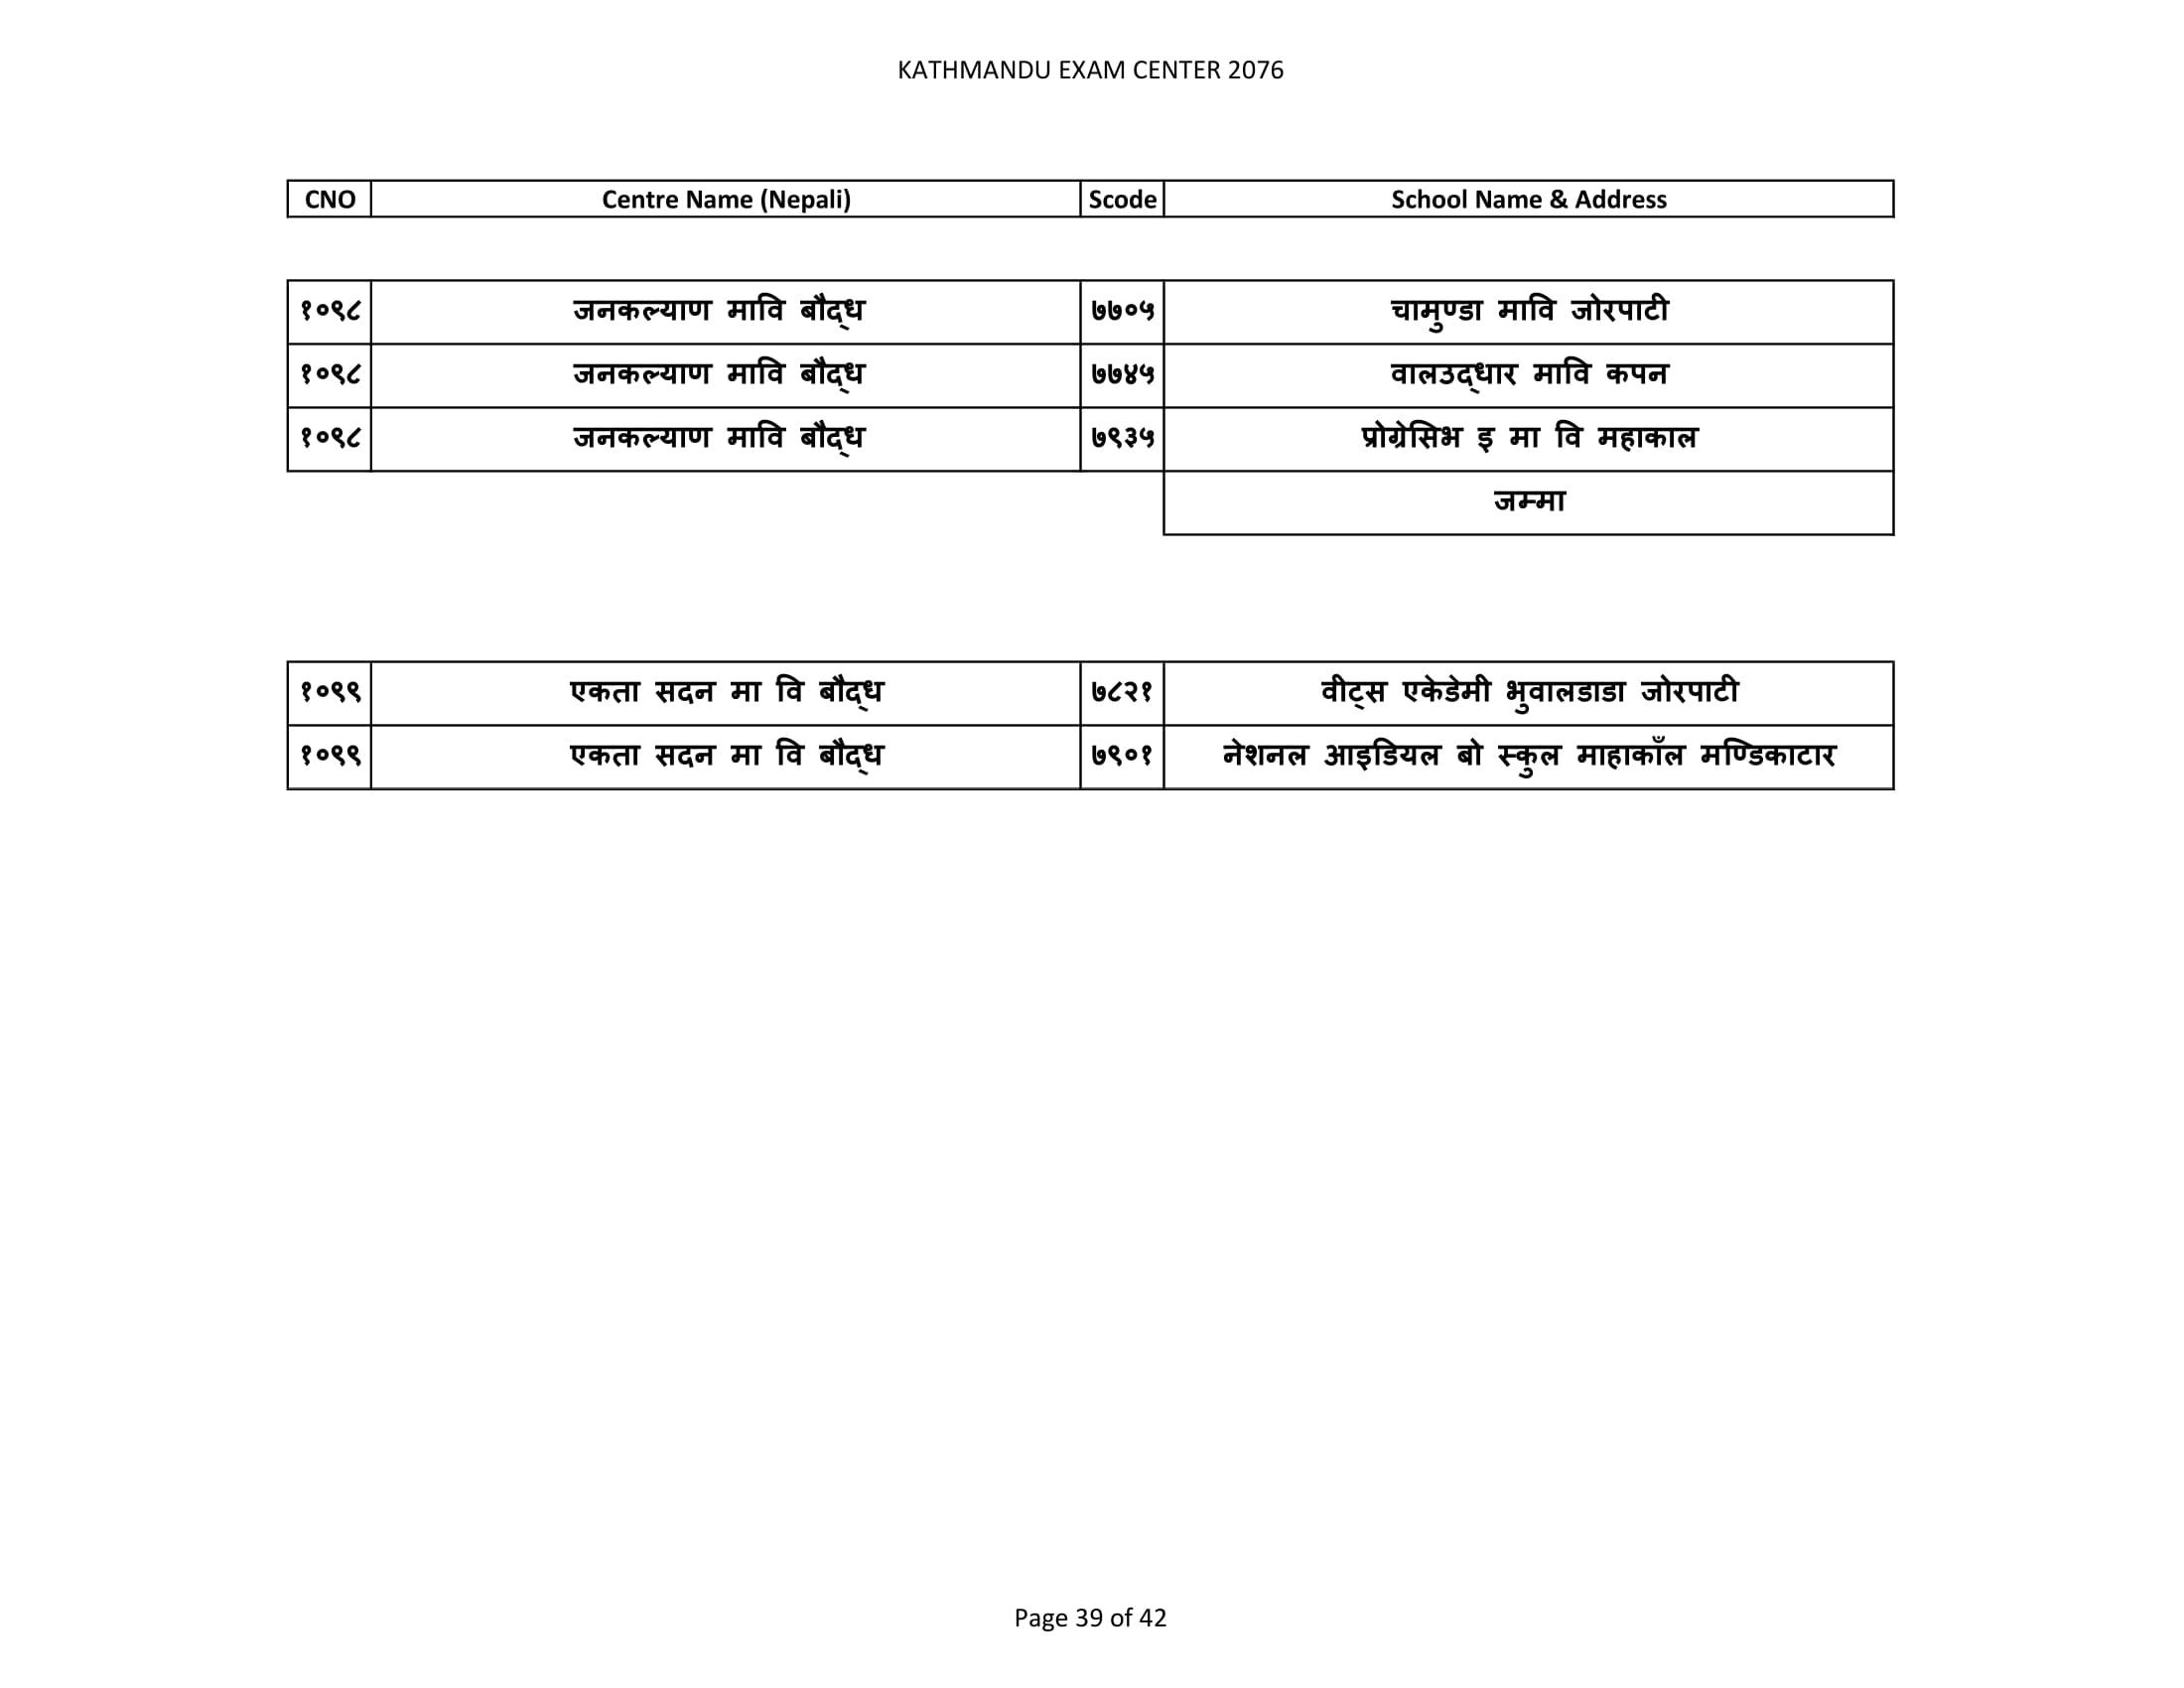 NEB Board Exam Routine,  NEB Board Exam center,  NEB Exam center,  class 11 Exam center, class 12 Exam center, grade 11 Exam center, grade 12 Exam center, exam center grade 12, exam center grade 11, exam center class 12, exam center class 11, neb class 11 Exam center, neb class 12 Exam center, neb grade 11 Exam center, neb grade 12 Exam center, neb exam center grade 12, neb exam center grade 11, neb exam center class 12, neb exam center class 11,